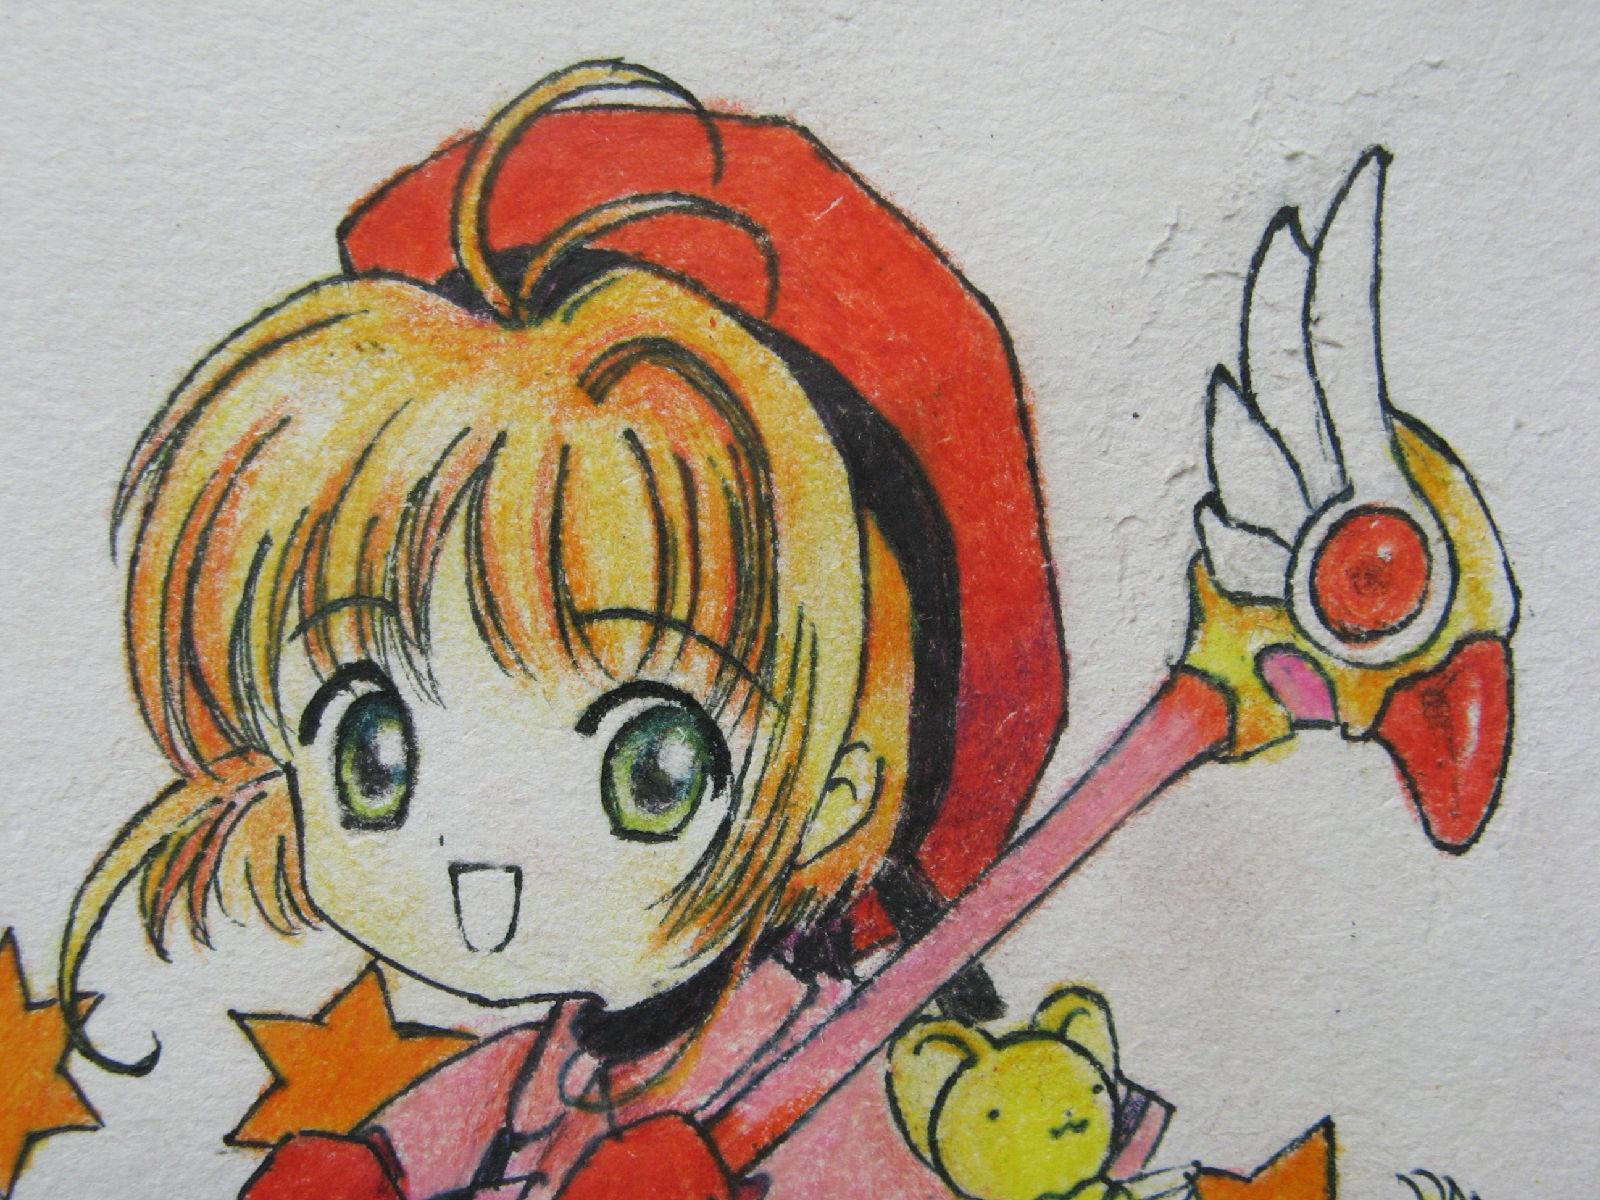 简单彩铅动漫少女画,用彩铅 画动漫人物 眼睛图片